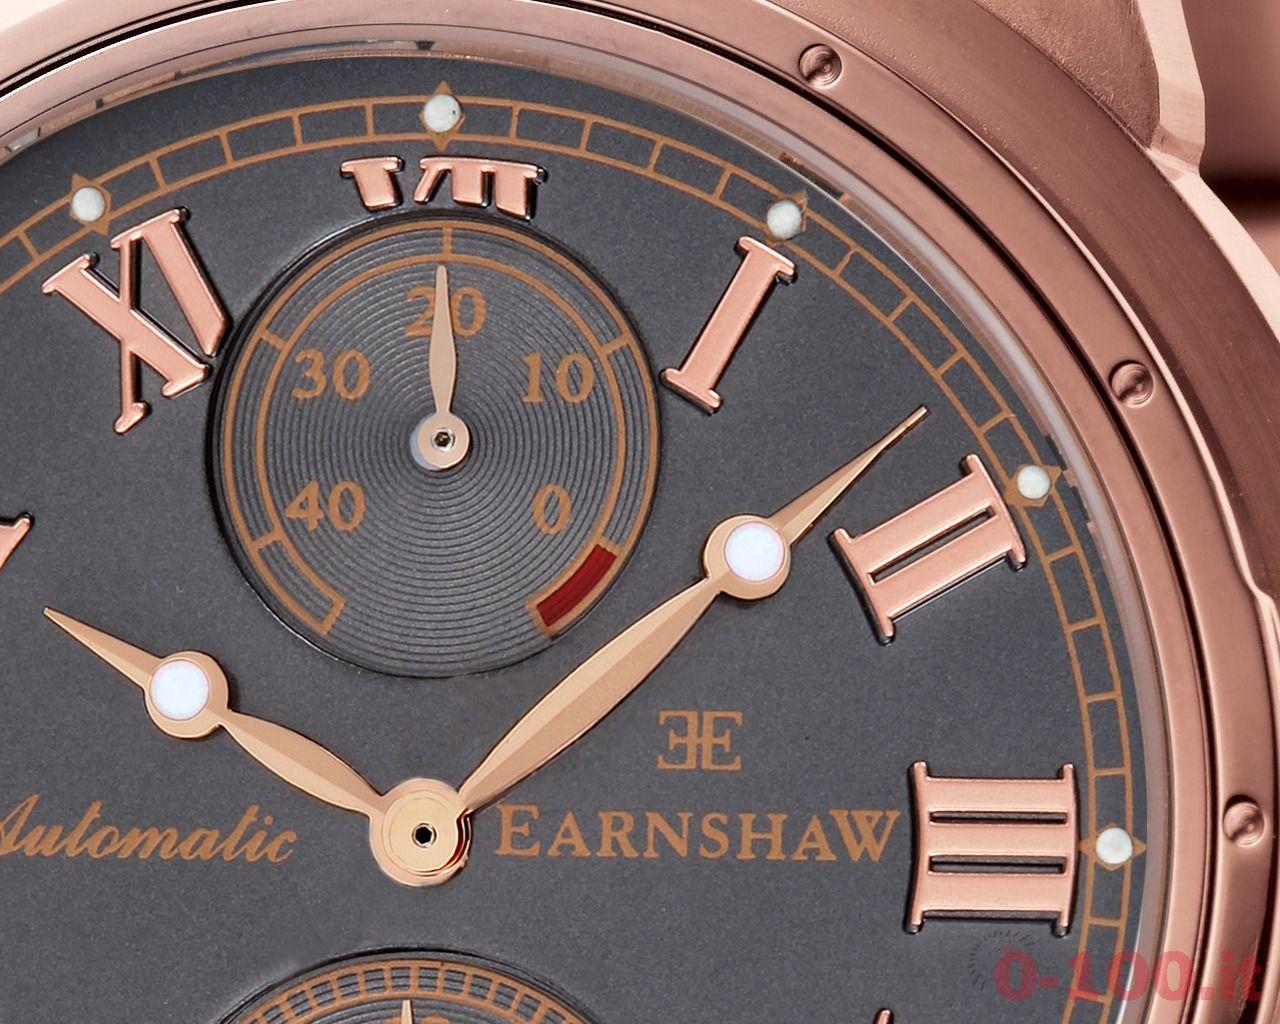 thomas-earnshaw-collezione-ashton-prezzo-price_0-1007